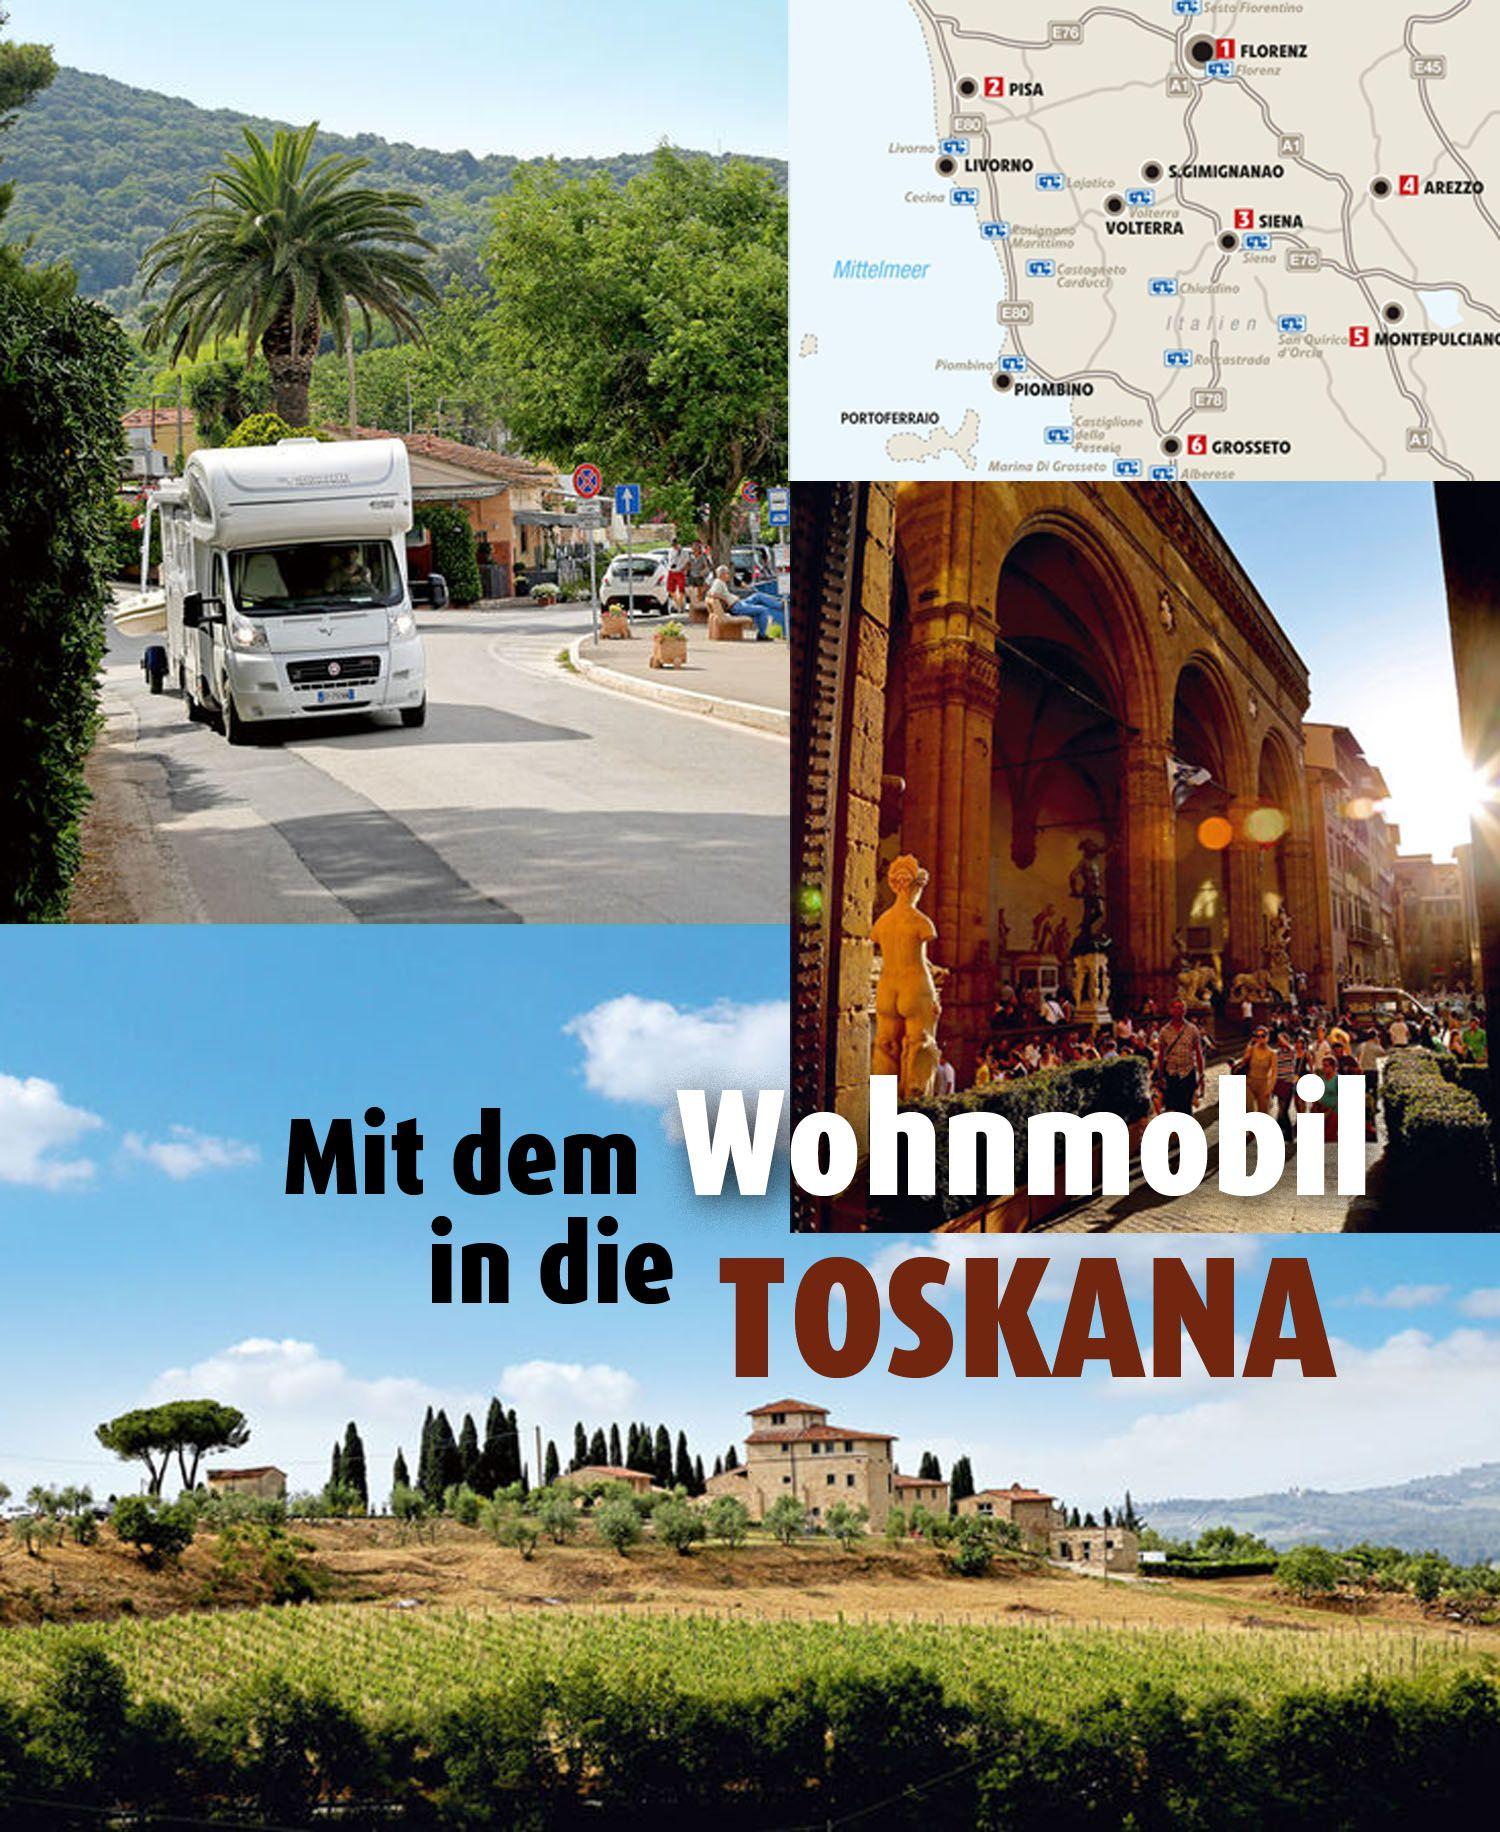 wohnmobil tour durch die toskana aus liebe zum guten leben wohnmobil touren in italien. Black Bedroom Furniture Sets. Home Design Ideas